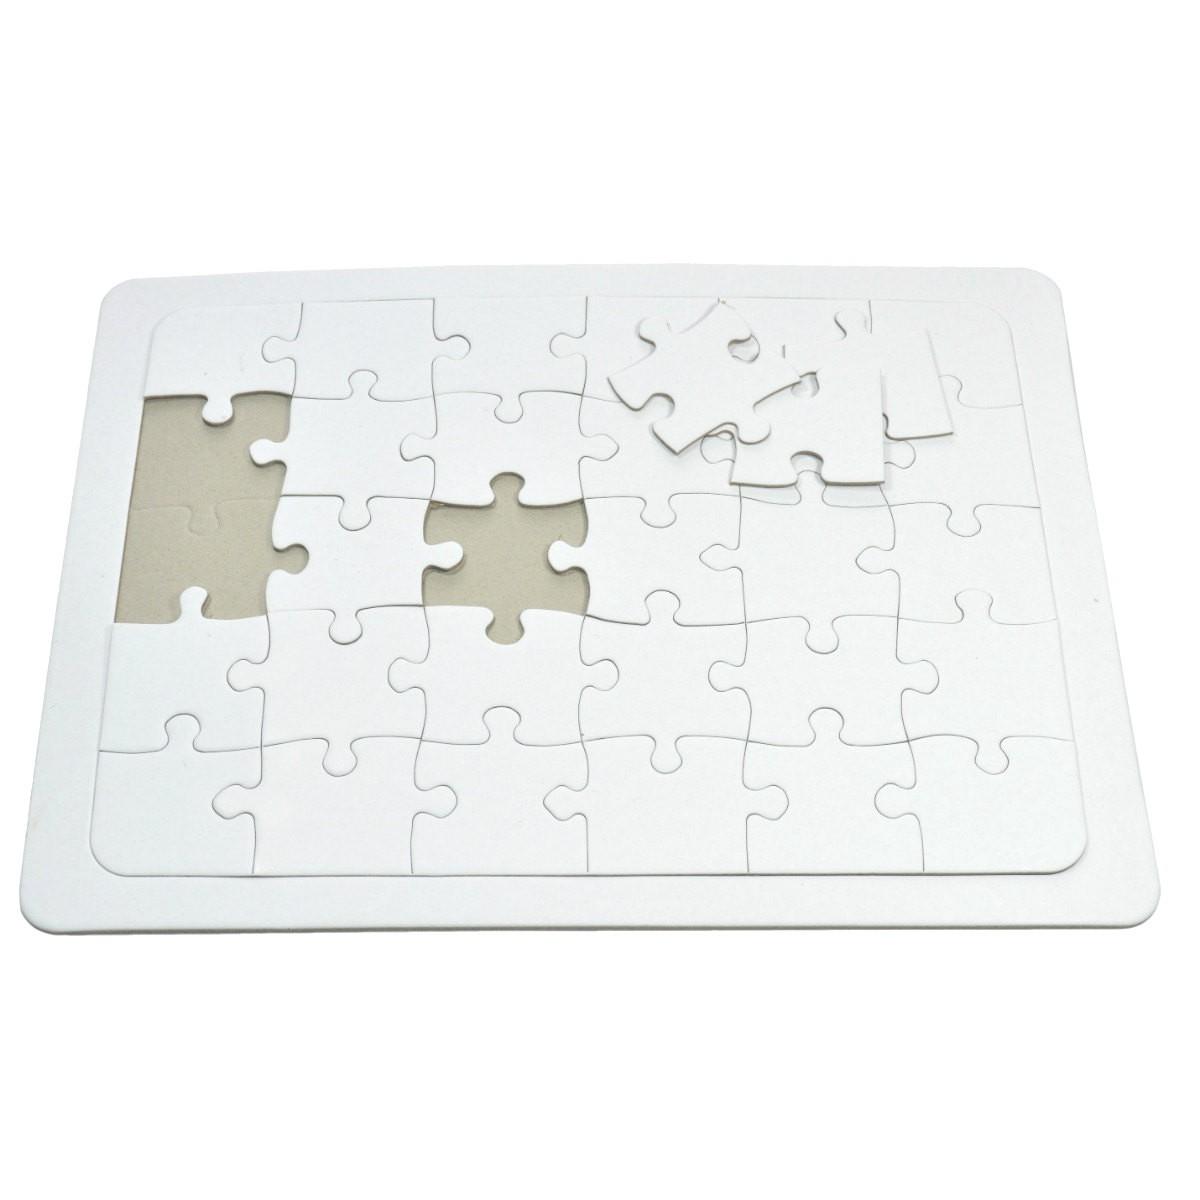 Tolle Wie Zum Rahmen Puzzles Galerie - Benutzerdefinierte ...